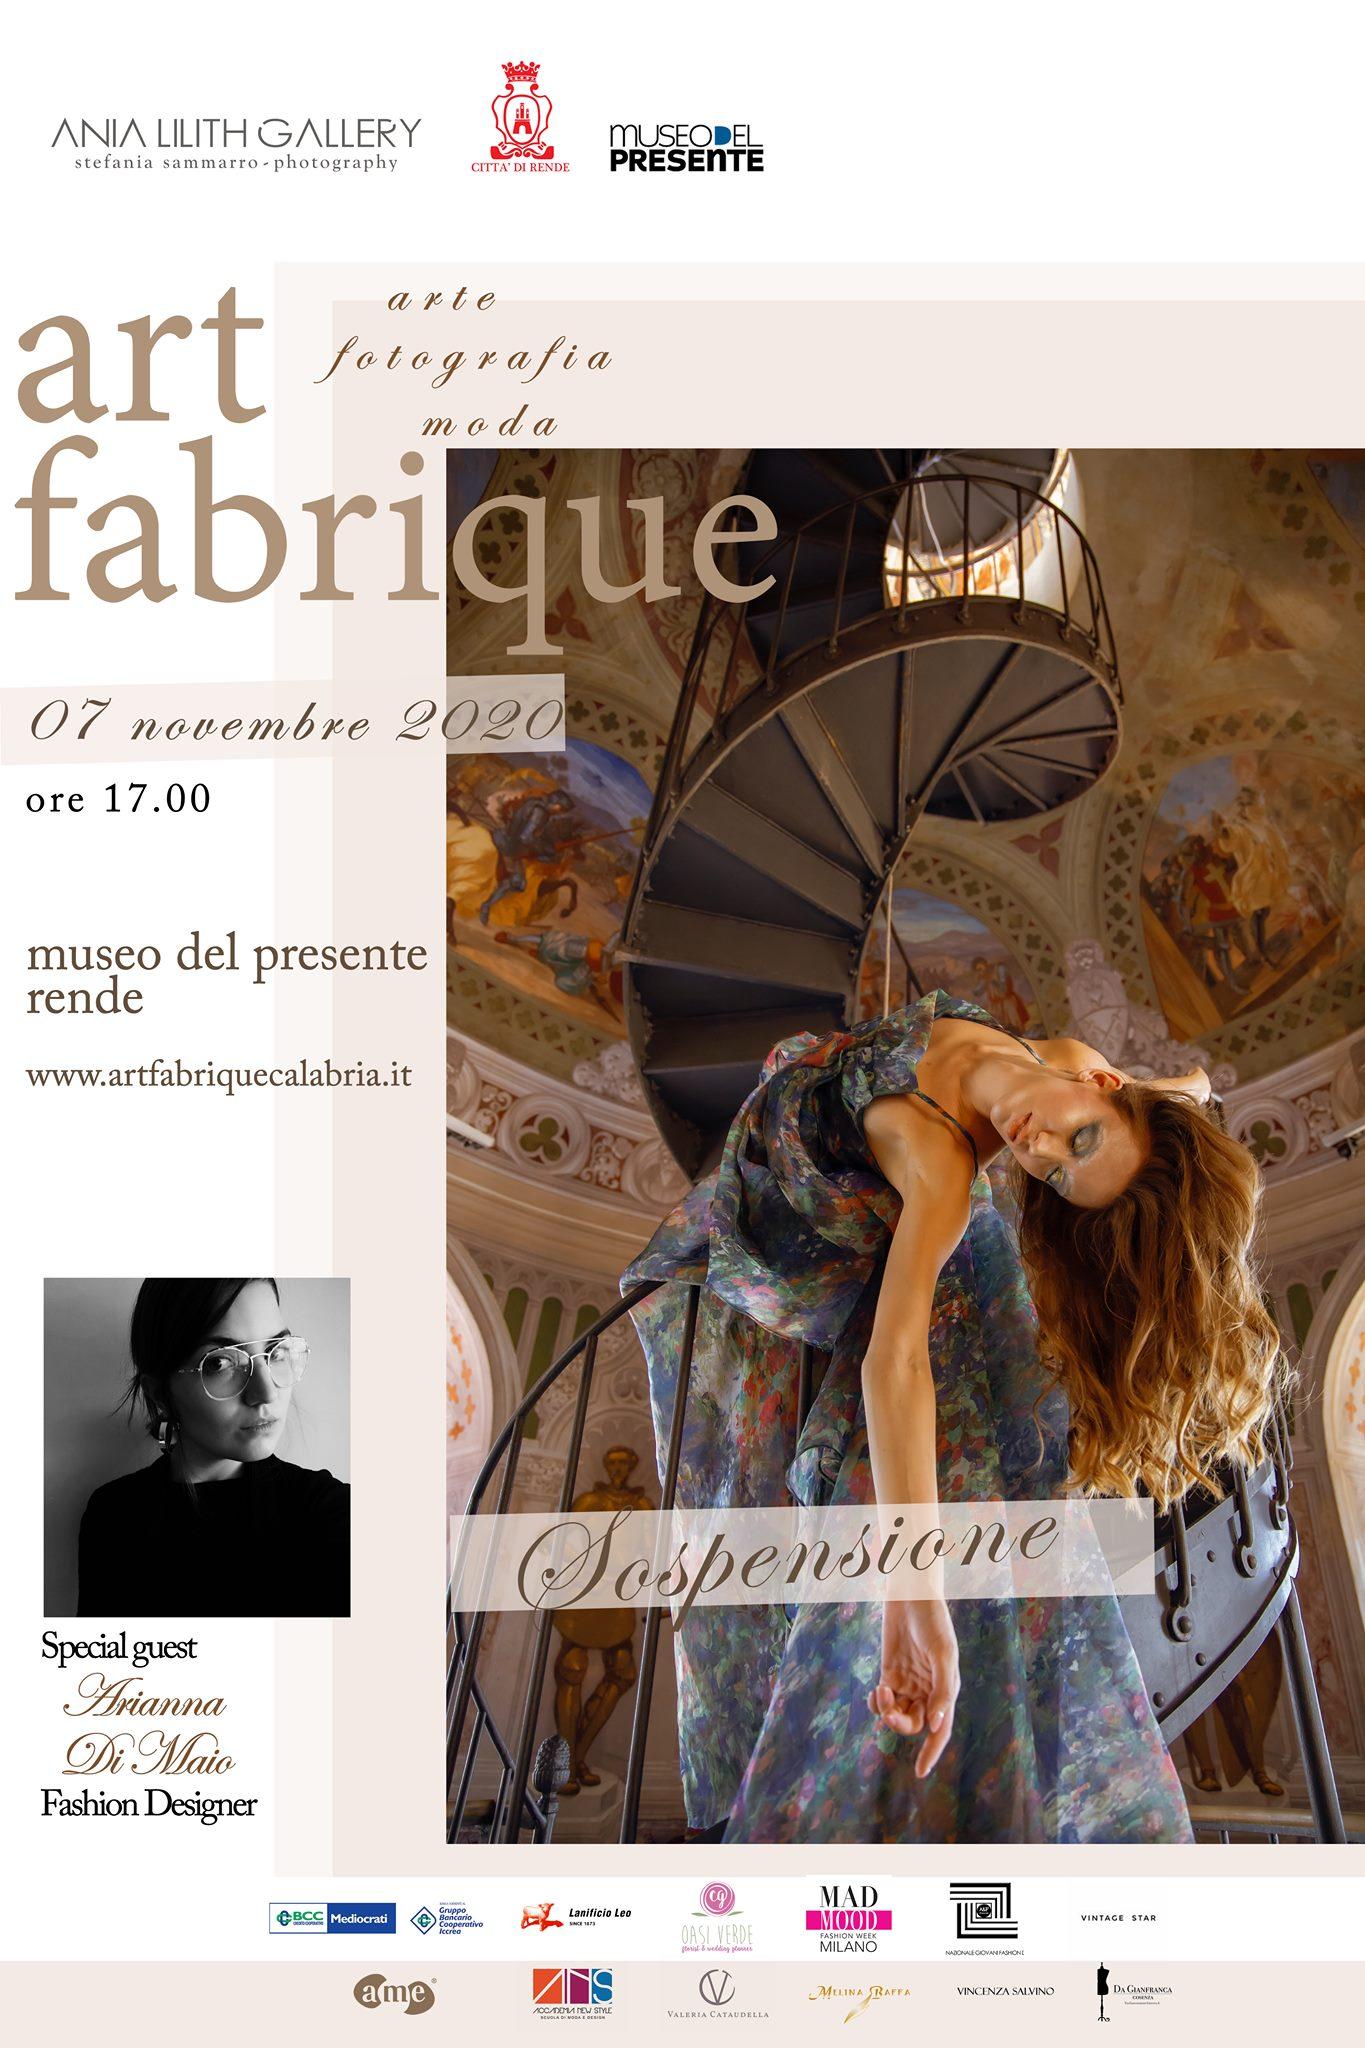 """Arte, fotografia e moda anticonvenzionale nell'evento Art Fabrique """"Sospensione"""".  Il 7 novembre al Museo del Presente"""